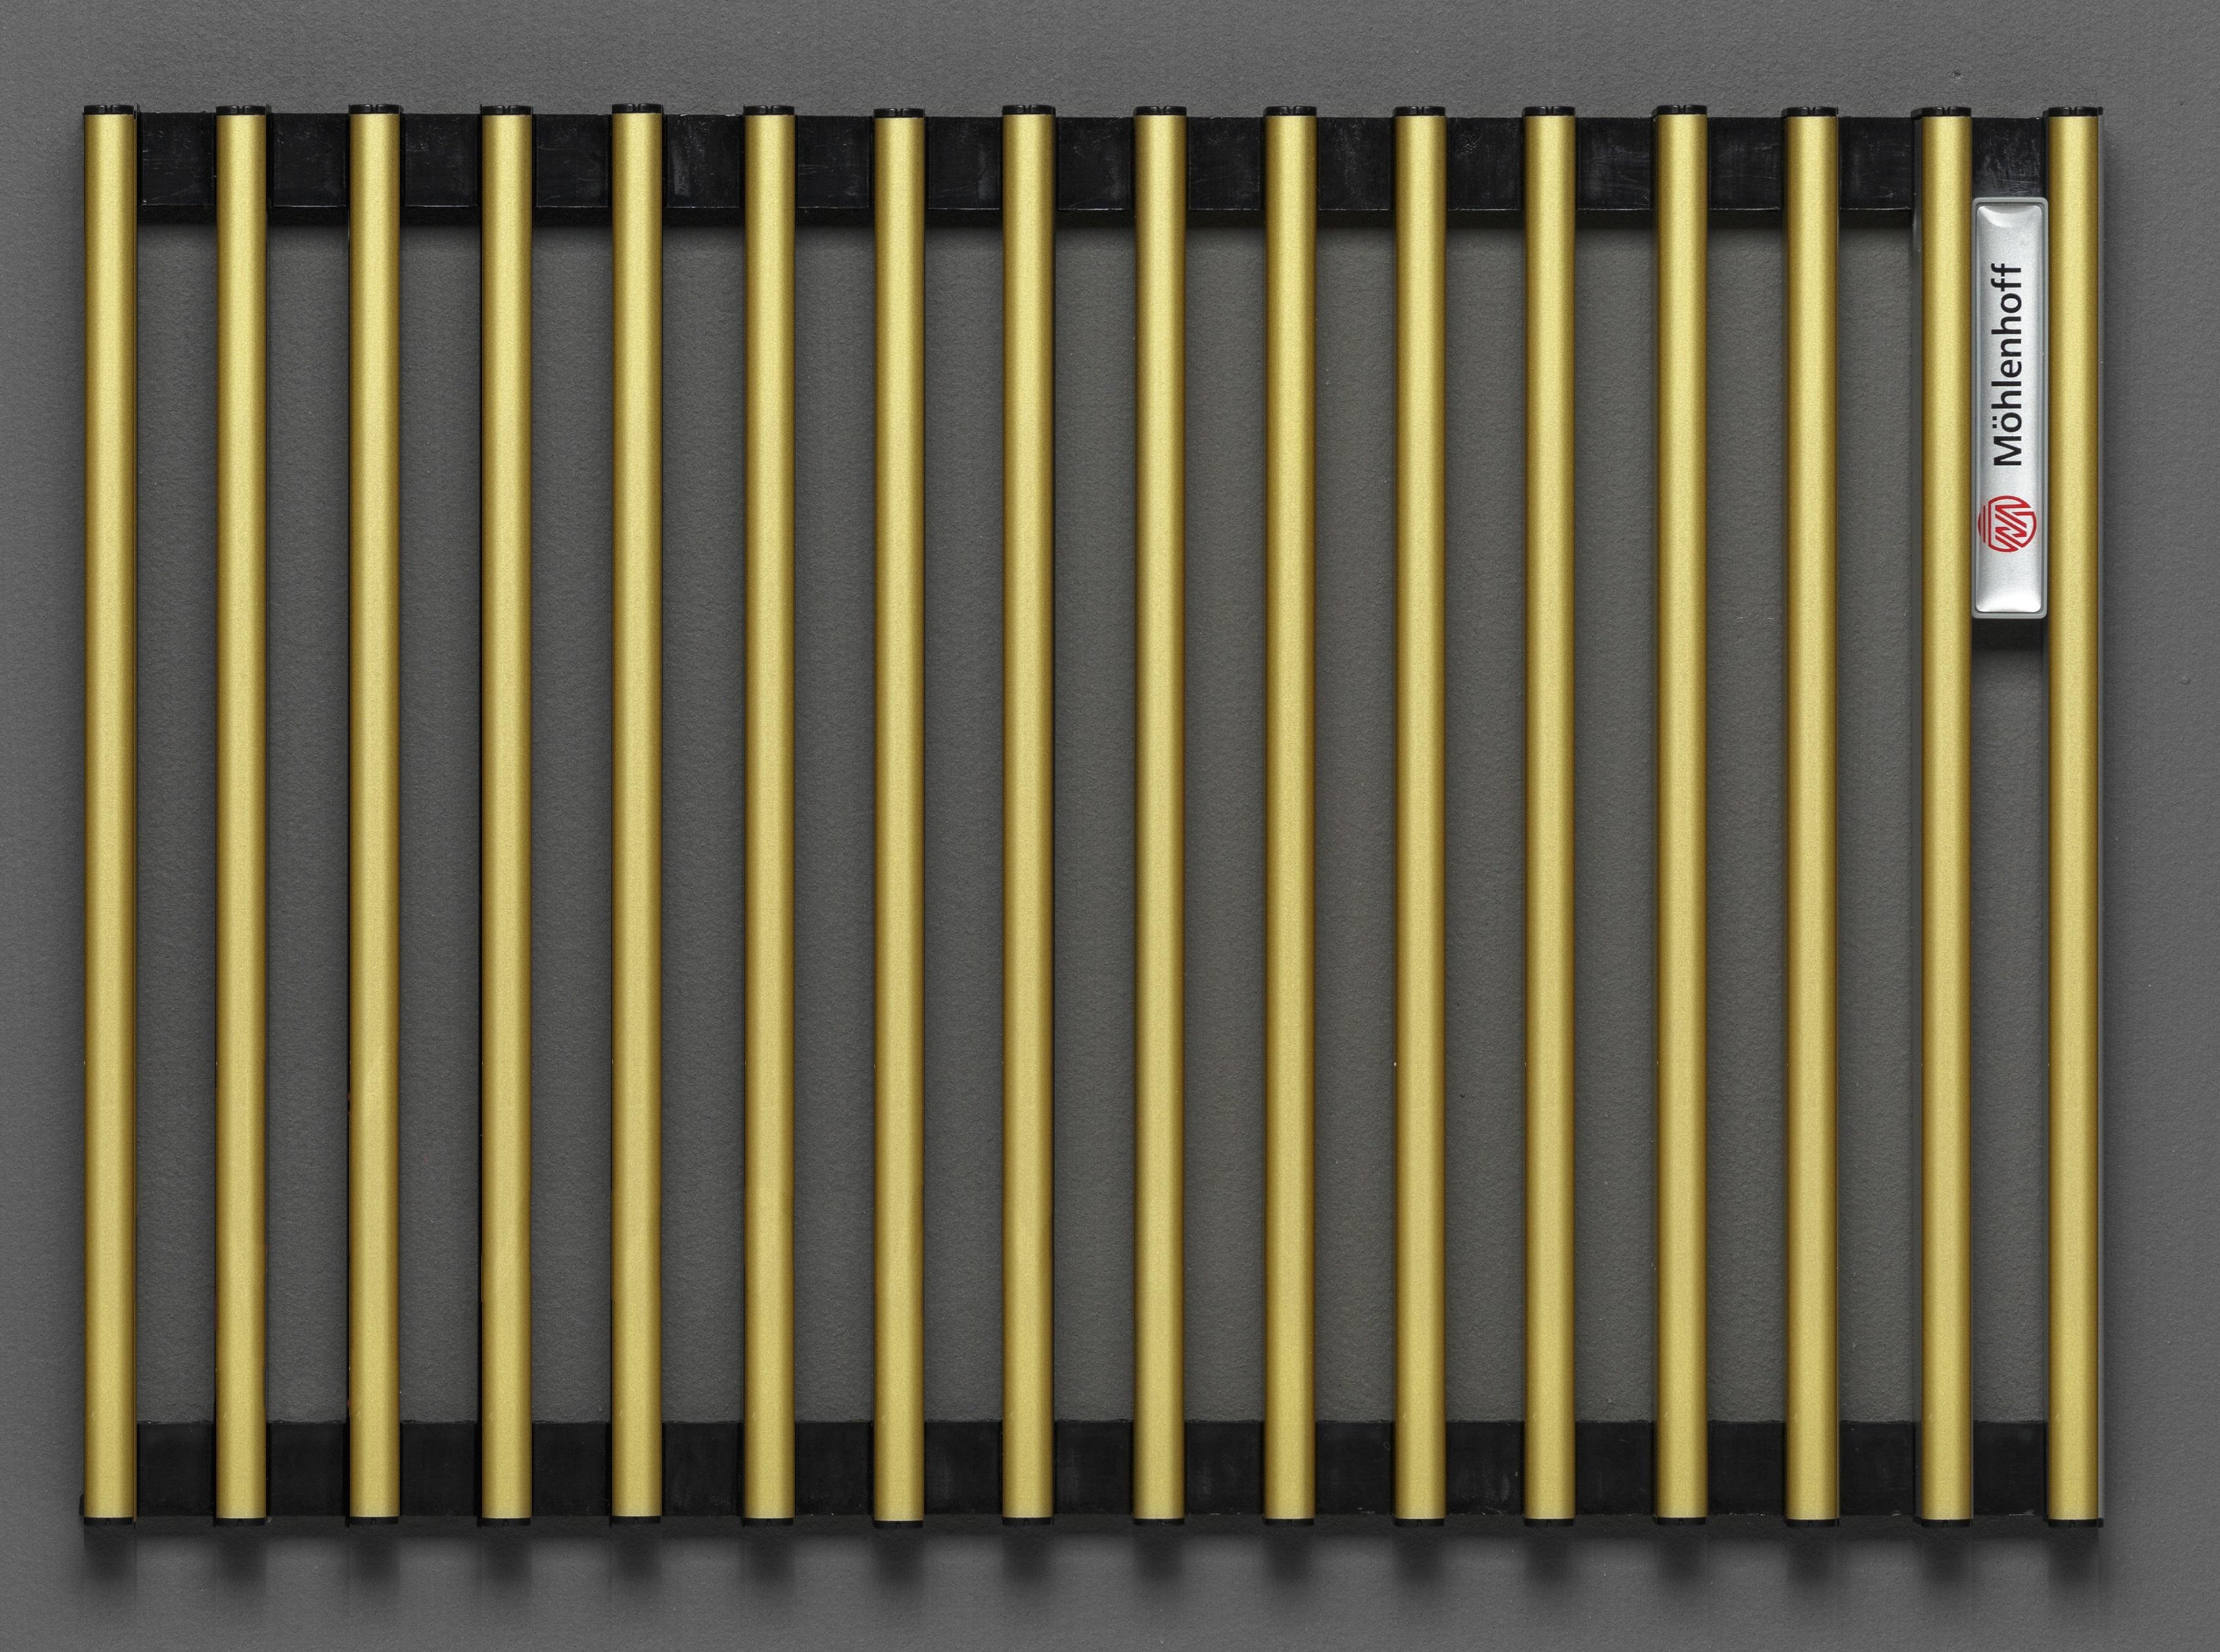 Купить Декоративная решётка Mohlenhoff латунь, шириной 180 мм 1 пог. м, Россия